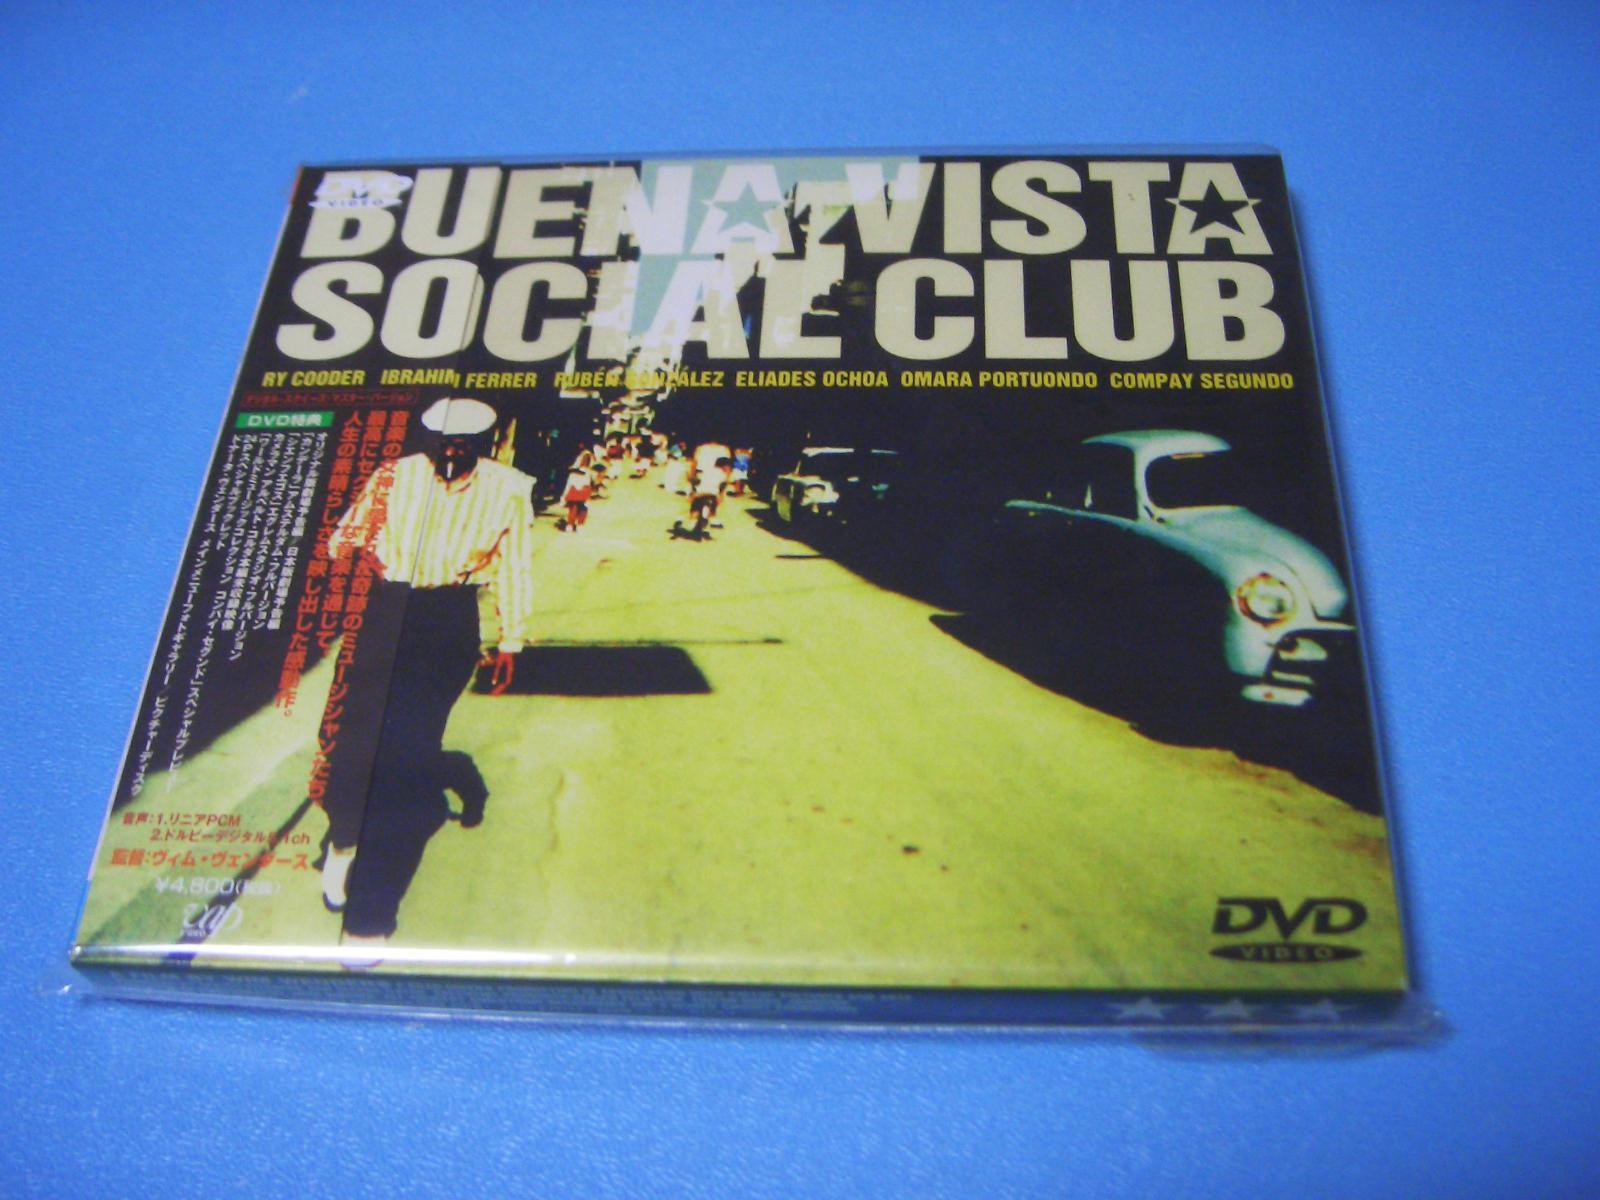 ライ・クーダー&キューバン・ミュージシャンズ / ブエナ・ビスタ・ソシアル・クラブ (DVD-AUDIO)_c0062649_22182613.jpg